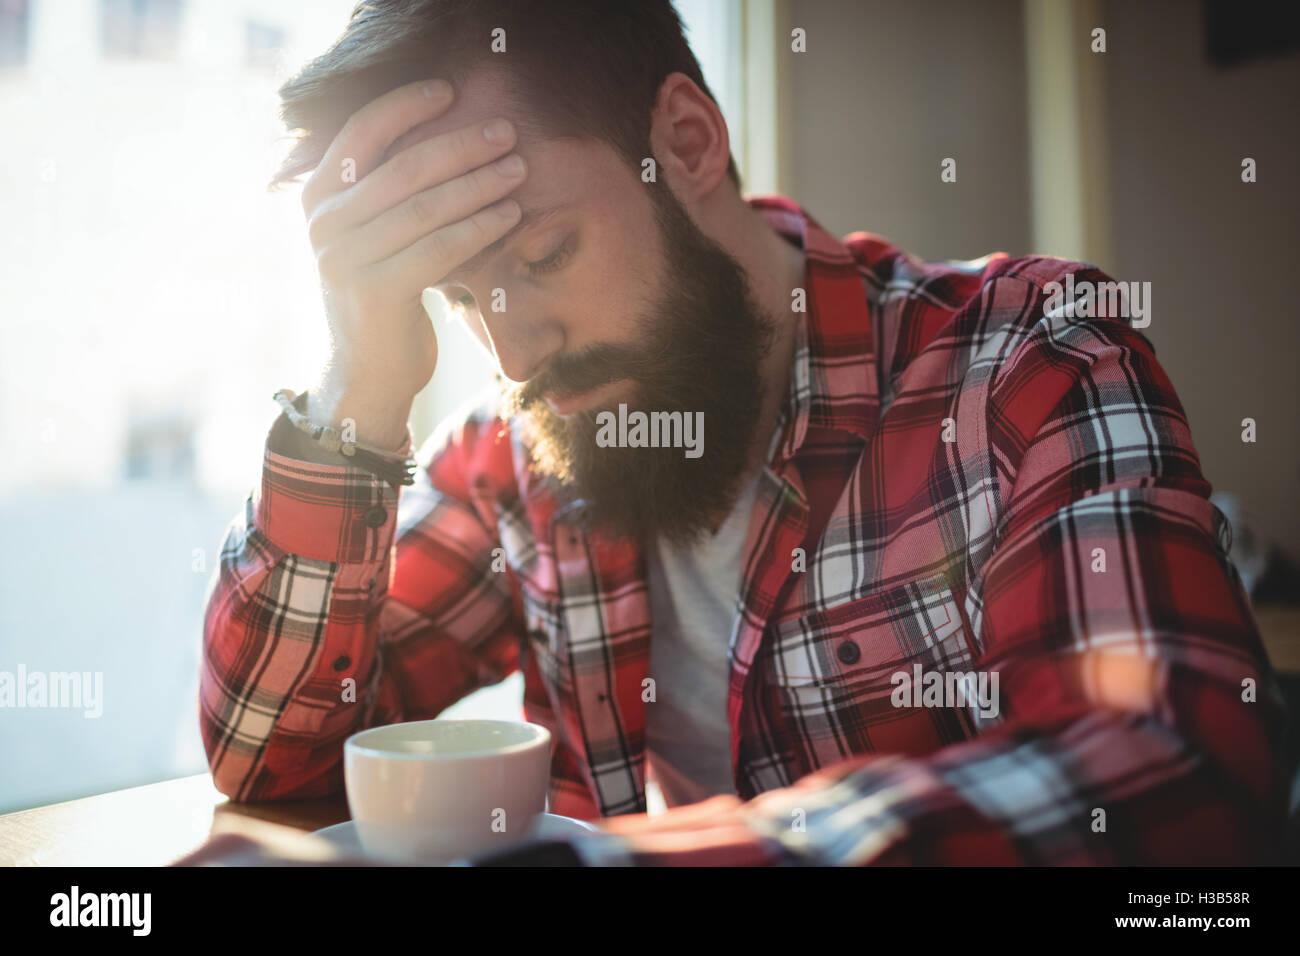 Cliente insatisfecho sentado en el cafe Imagen De Stock